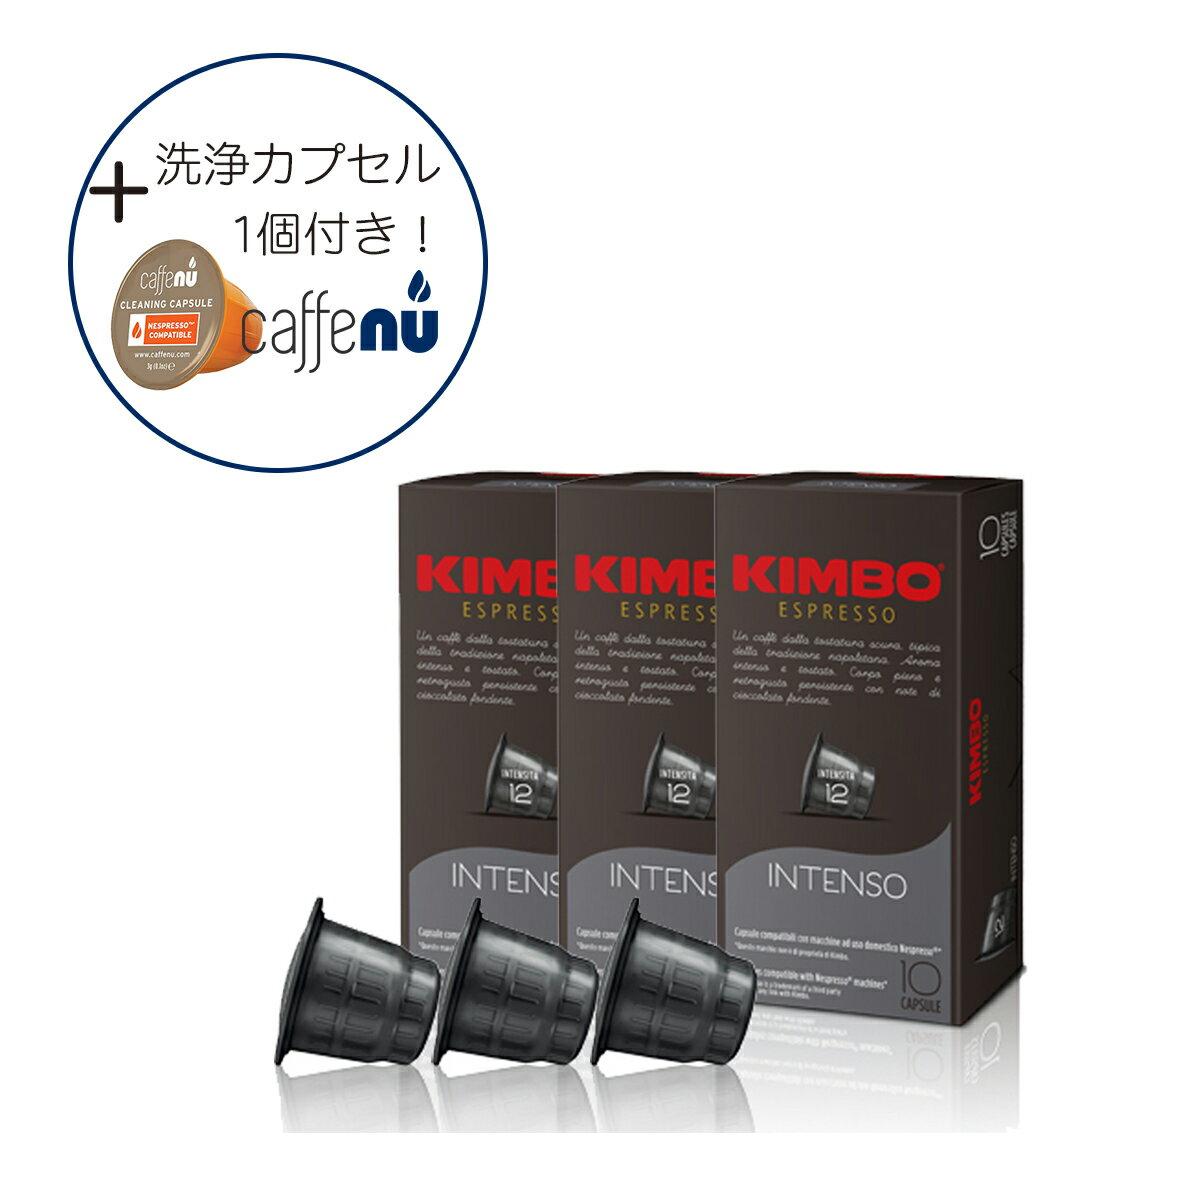 ネスプレッソ カプセル 互換 キンボ kimbo コーヒー インテンソ 1箱 10 カプセル 3箱 合計 30 カプセル 送料無料